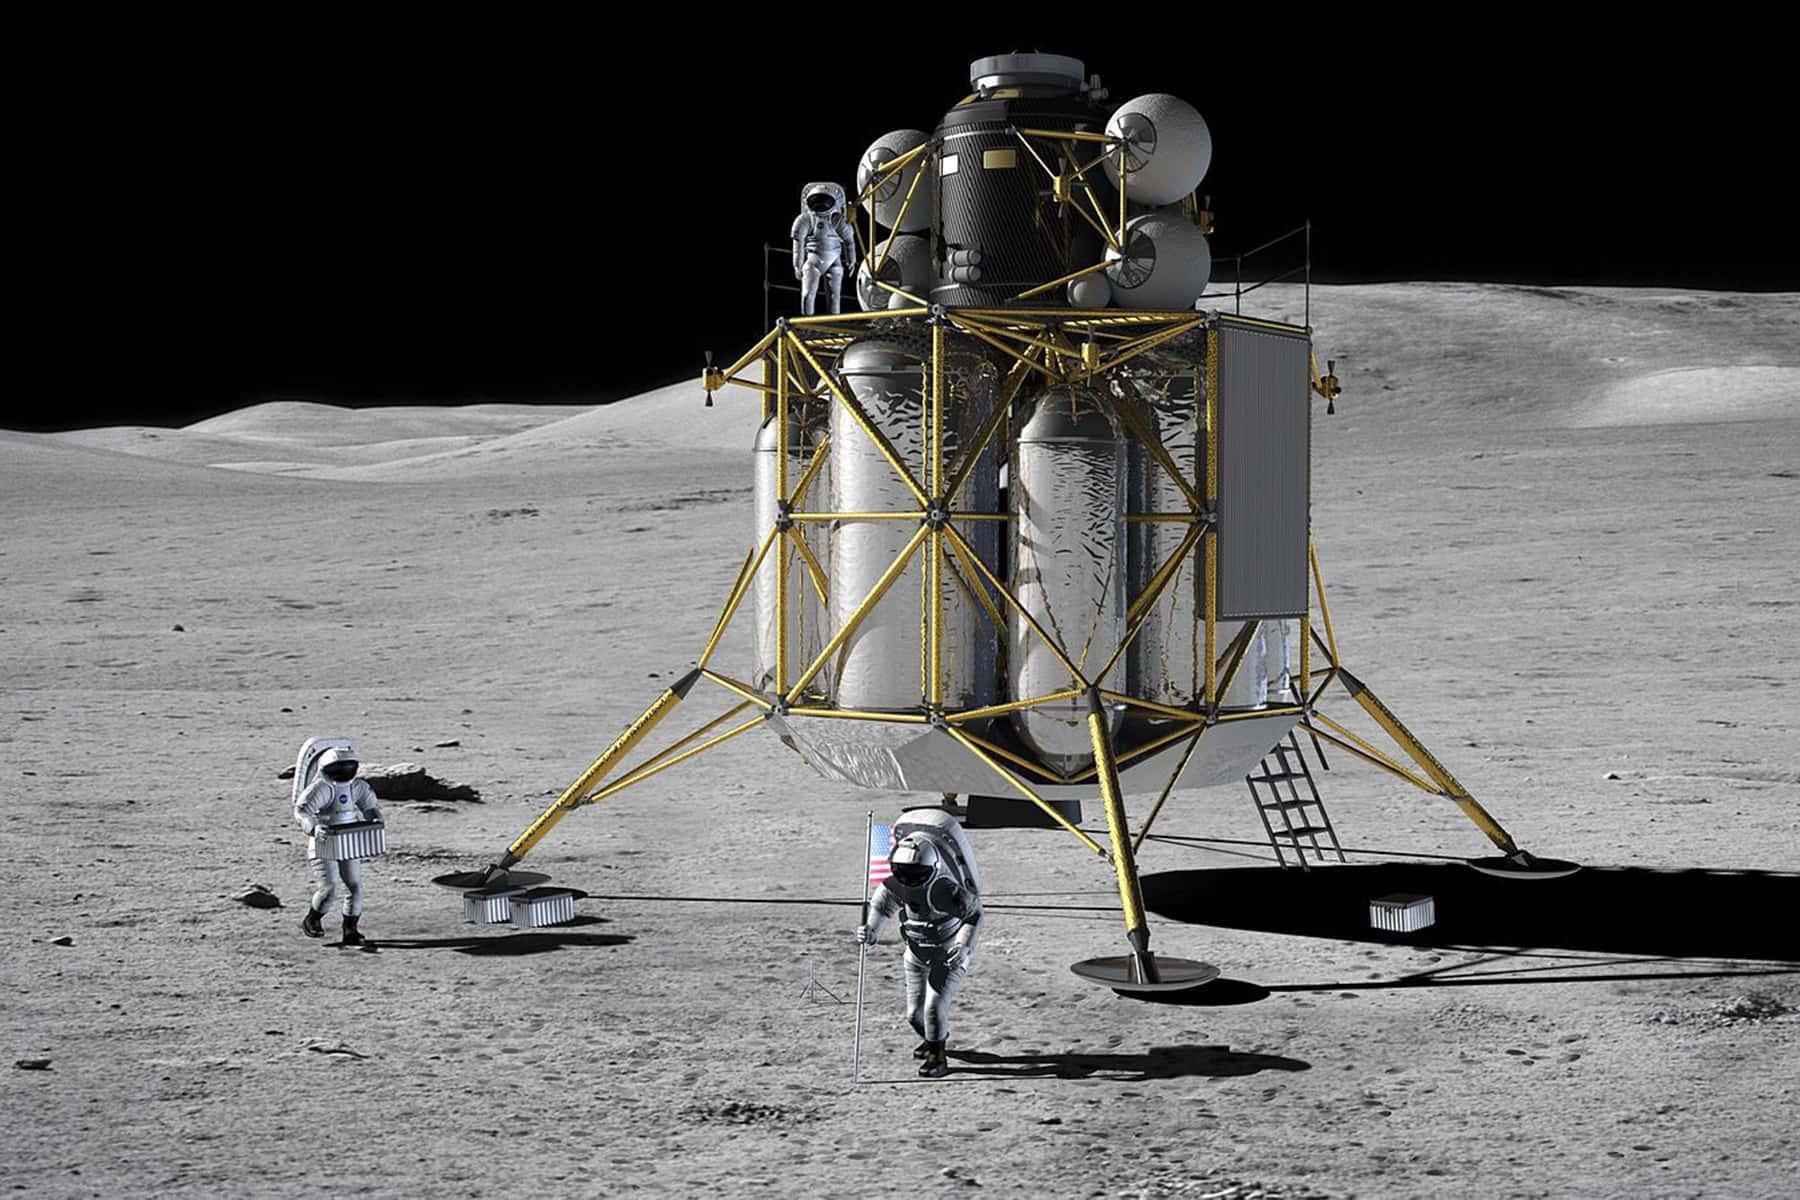 spacecraft found on moon - HD1800×1200